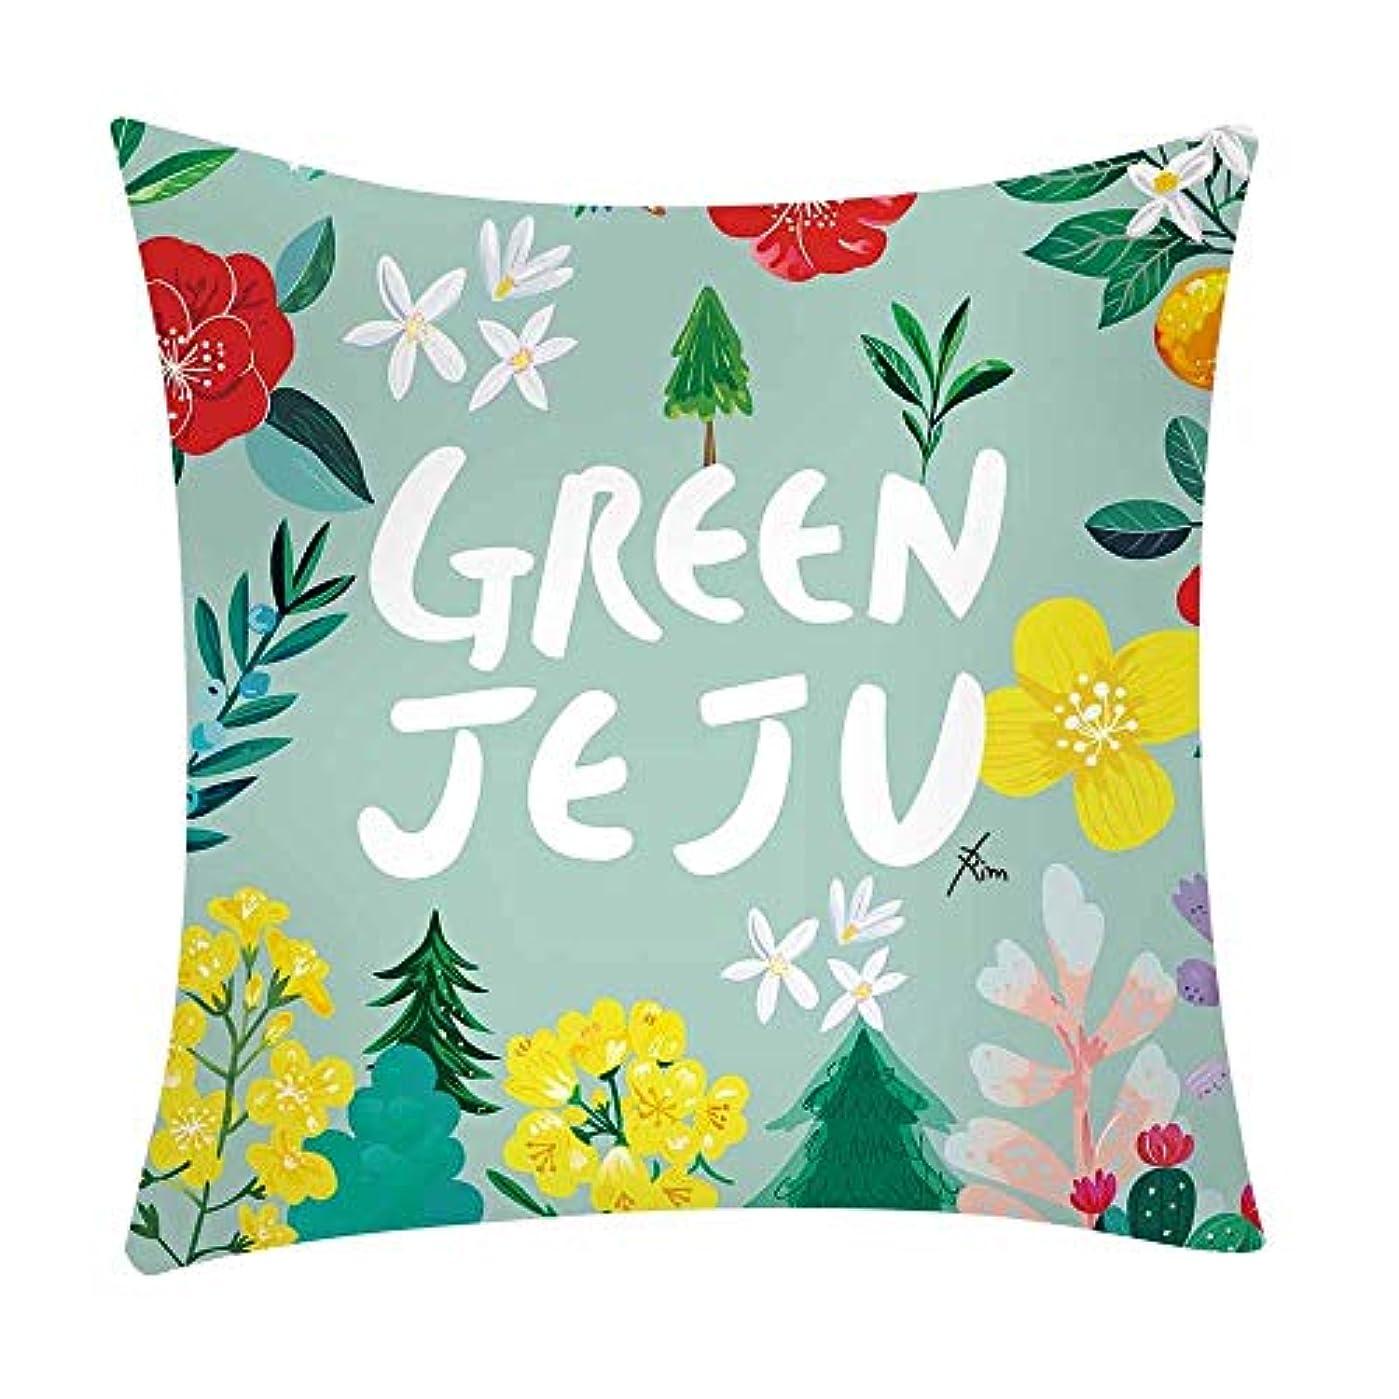 にはまってフェリー経済的LIFE Decorative ソファプリント枕コージー用ポリエステルソファ車のクッション枕家の装飾家の装飾 coussin decoratif クッション 椅子